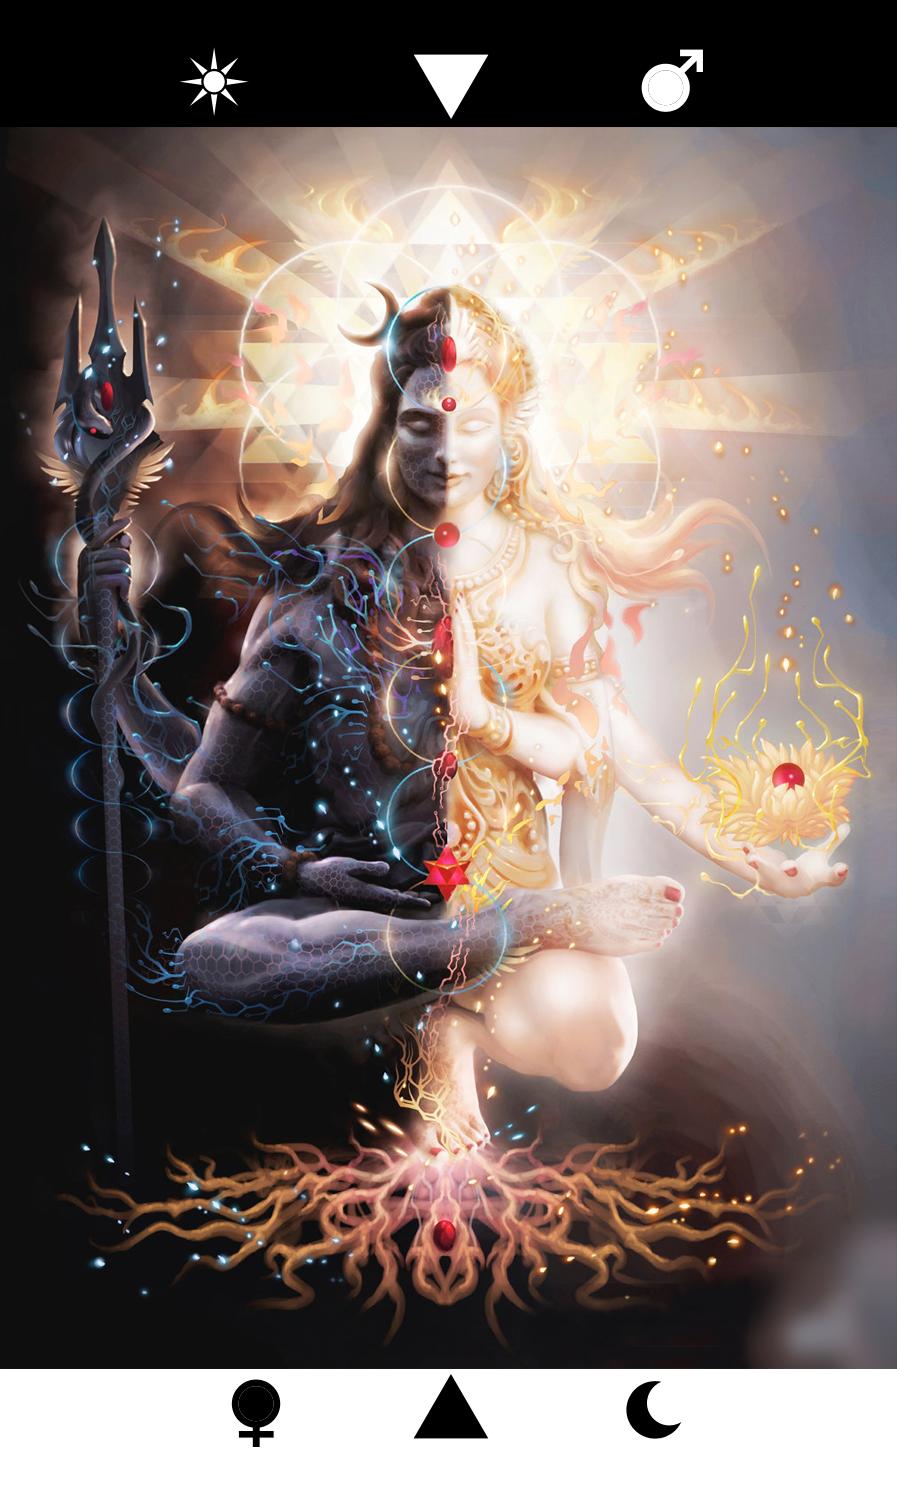 The Union of Divine Male and Divine Female, Shiva-Shakti